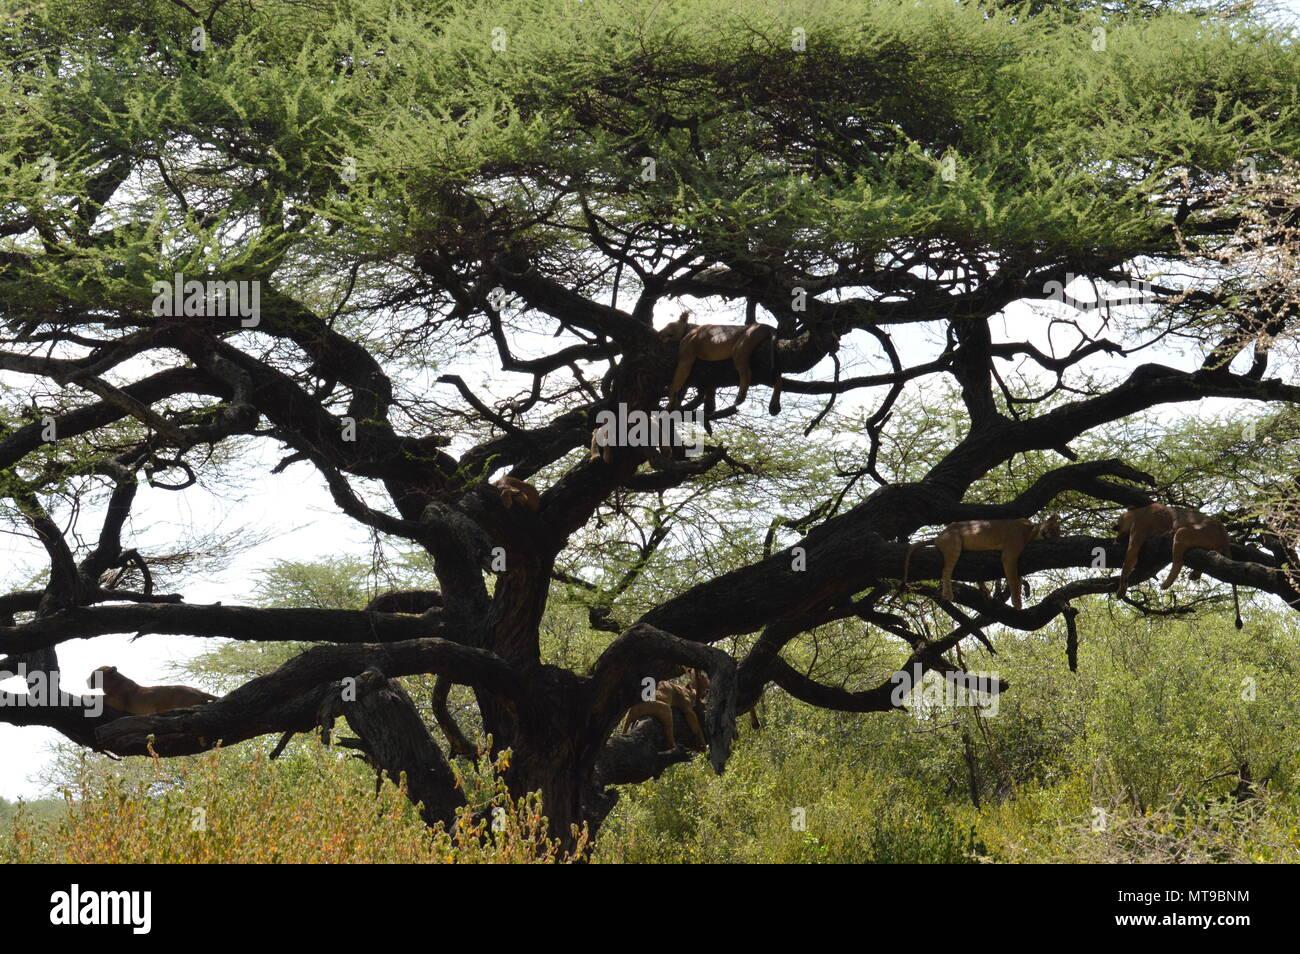 Tree climbing lions in Lake Manyara National Park - Stock Image